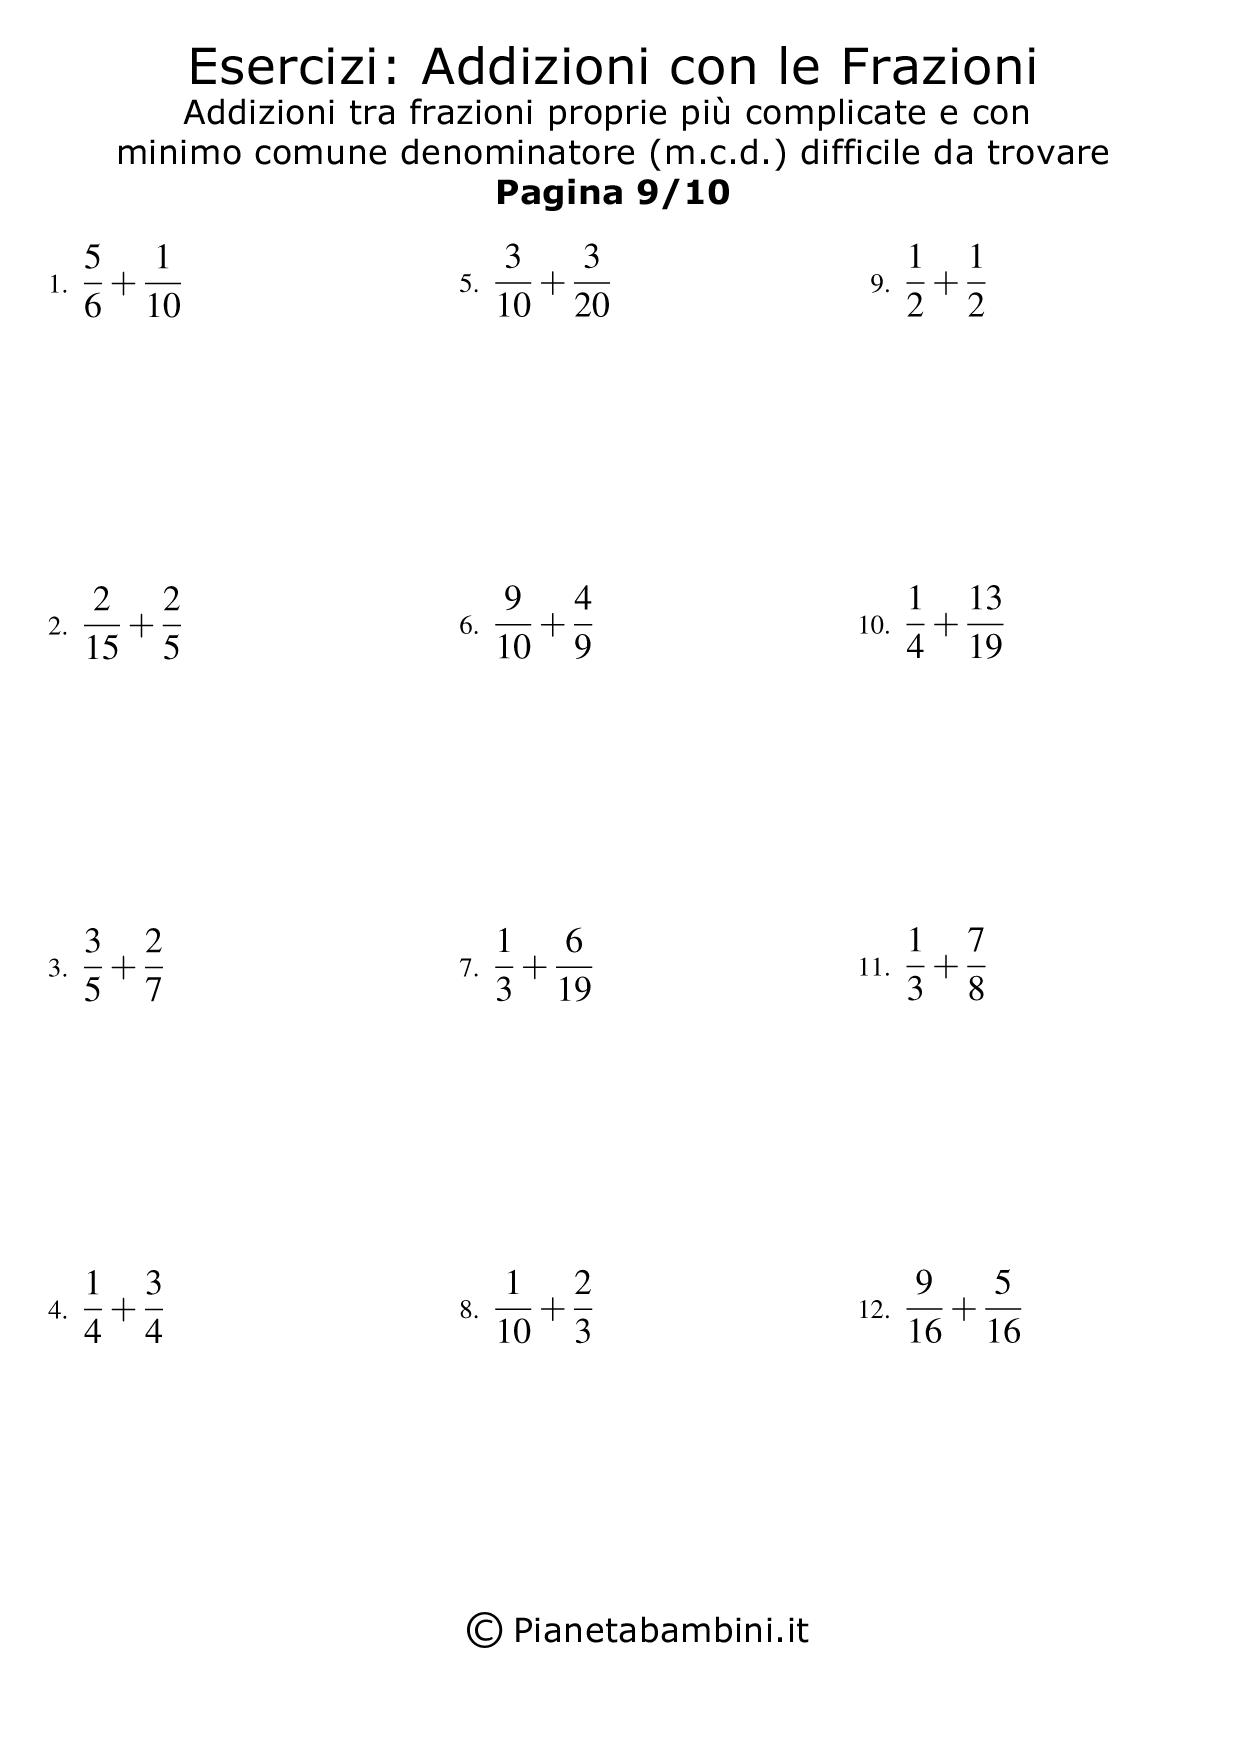 Frazioni-Difficili-m.c.d-difficile_09